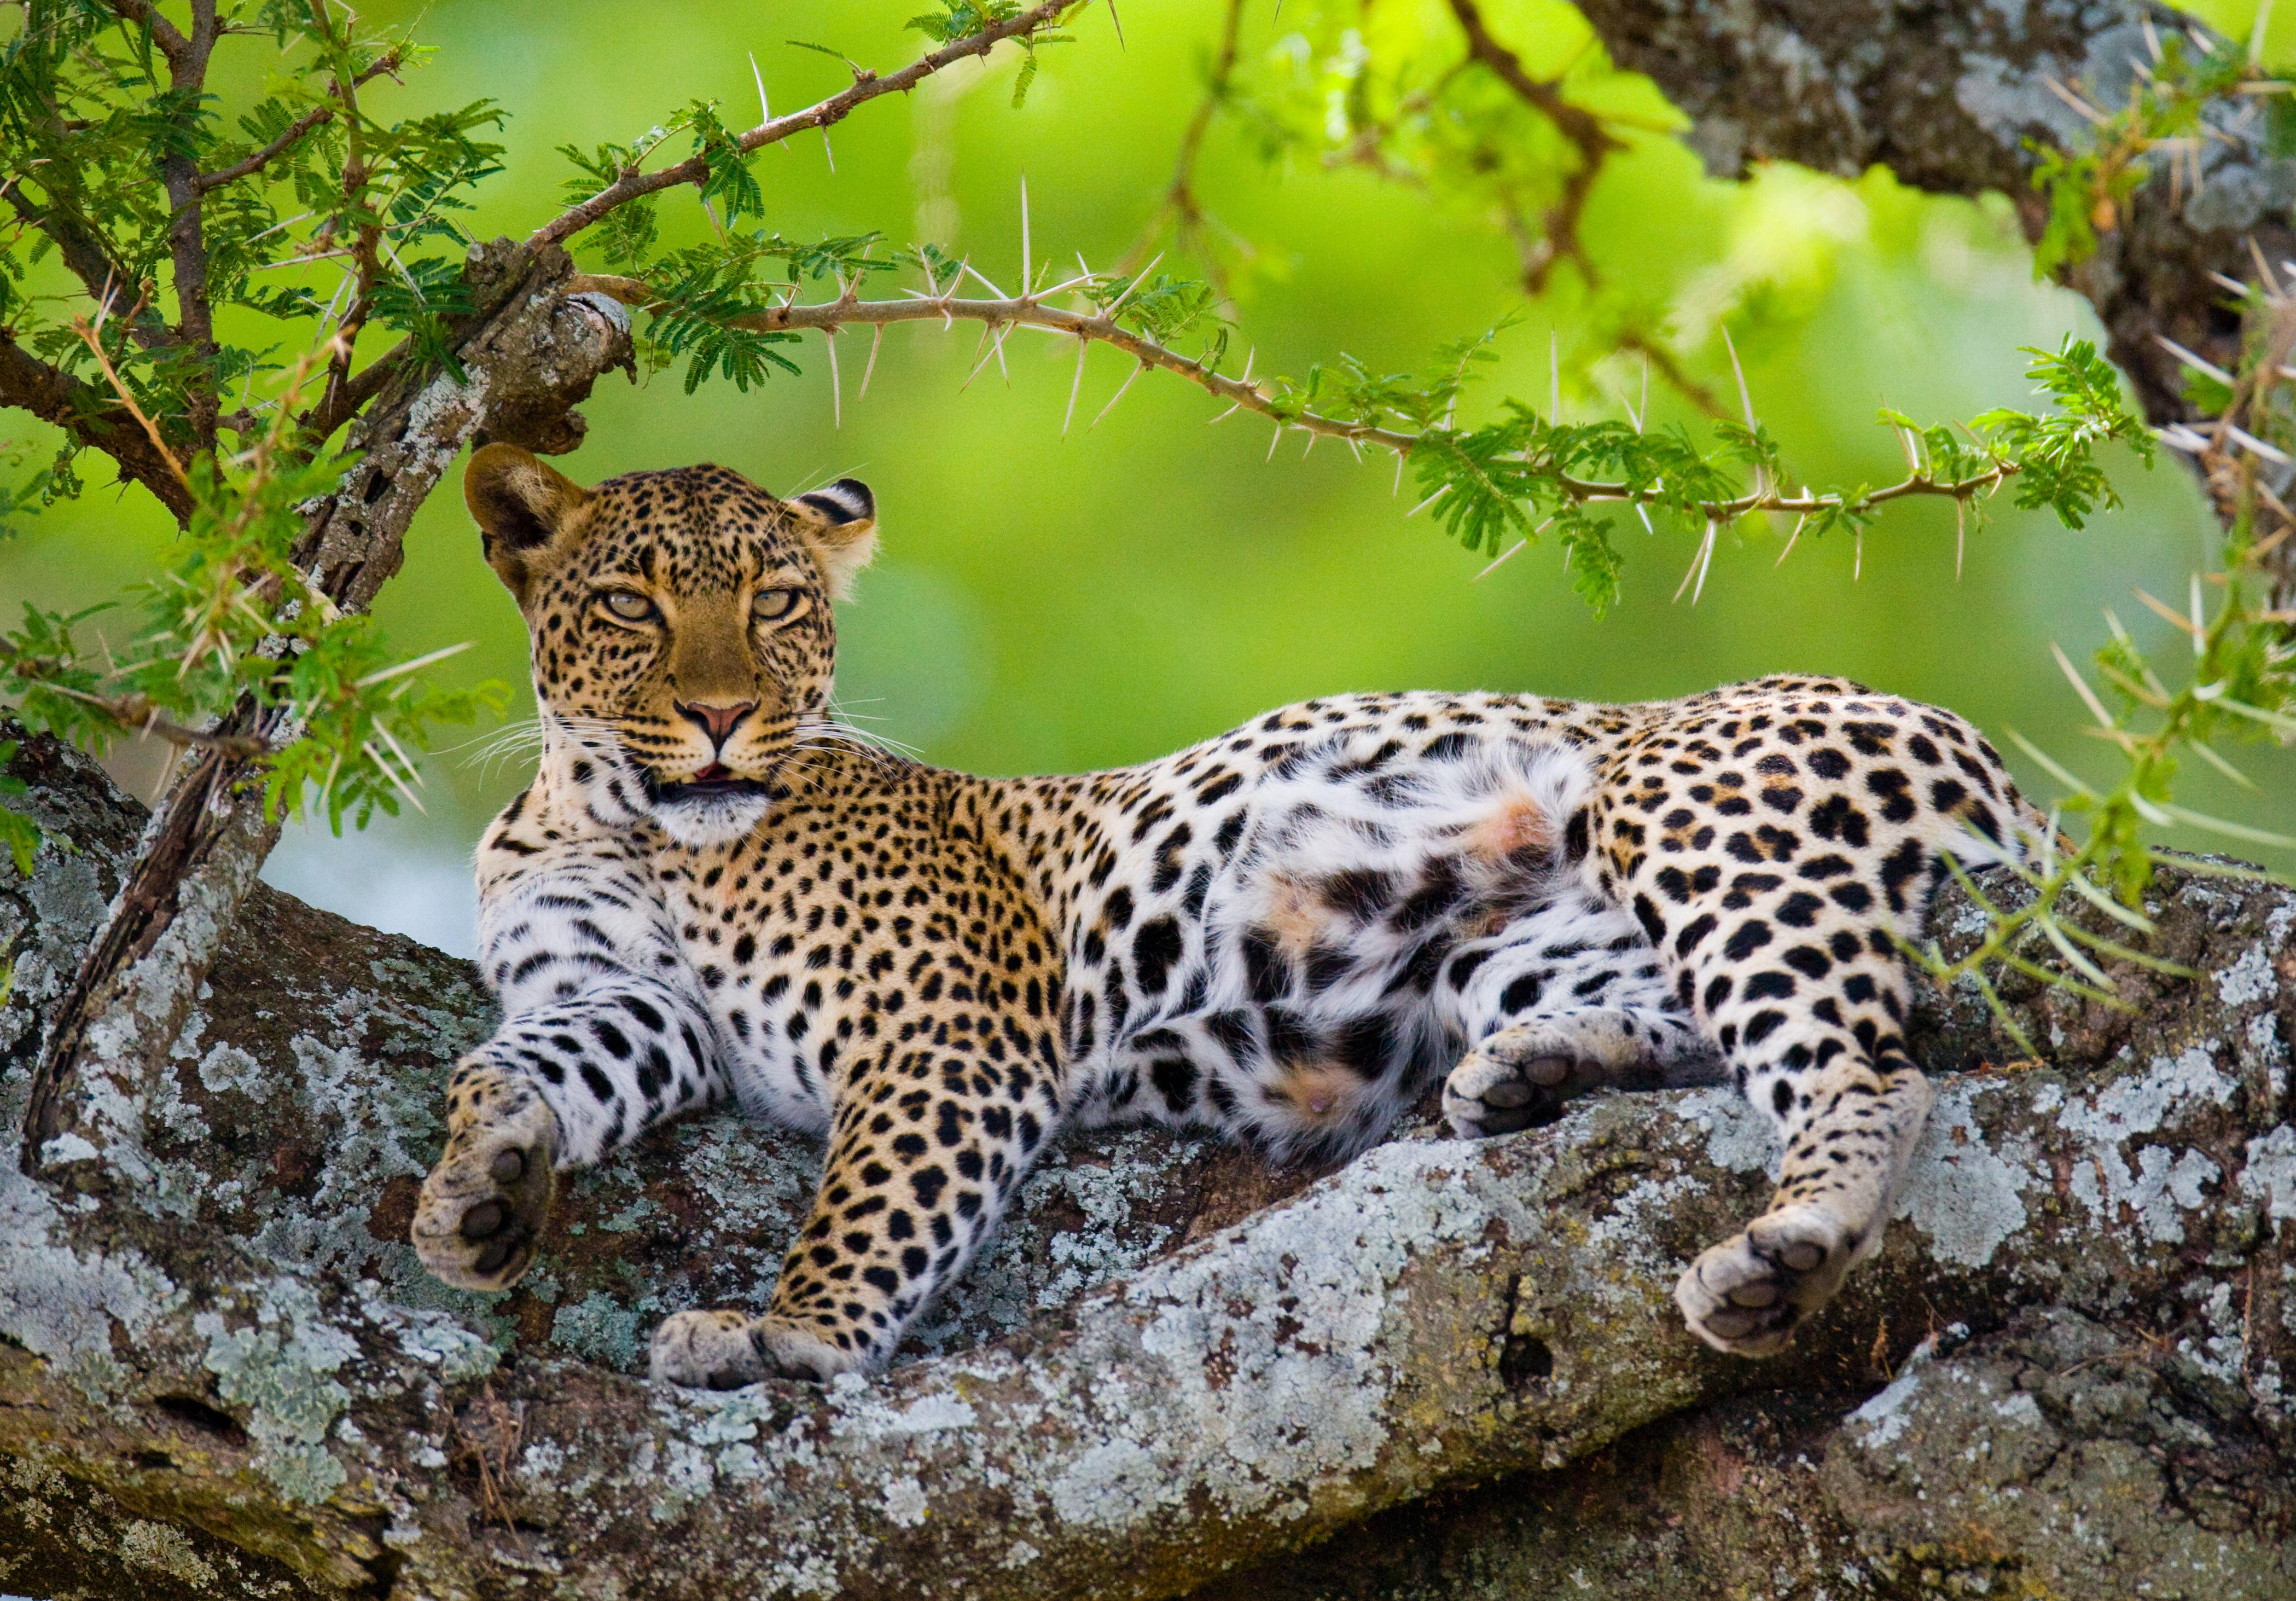 leopard relaxing in a tree